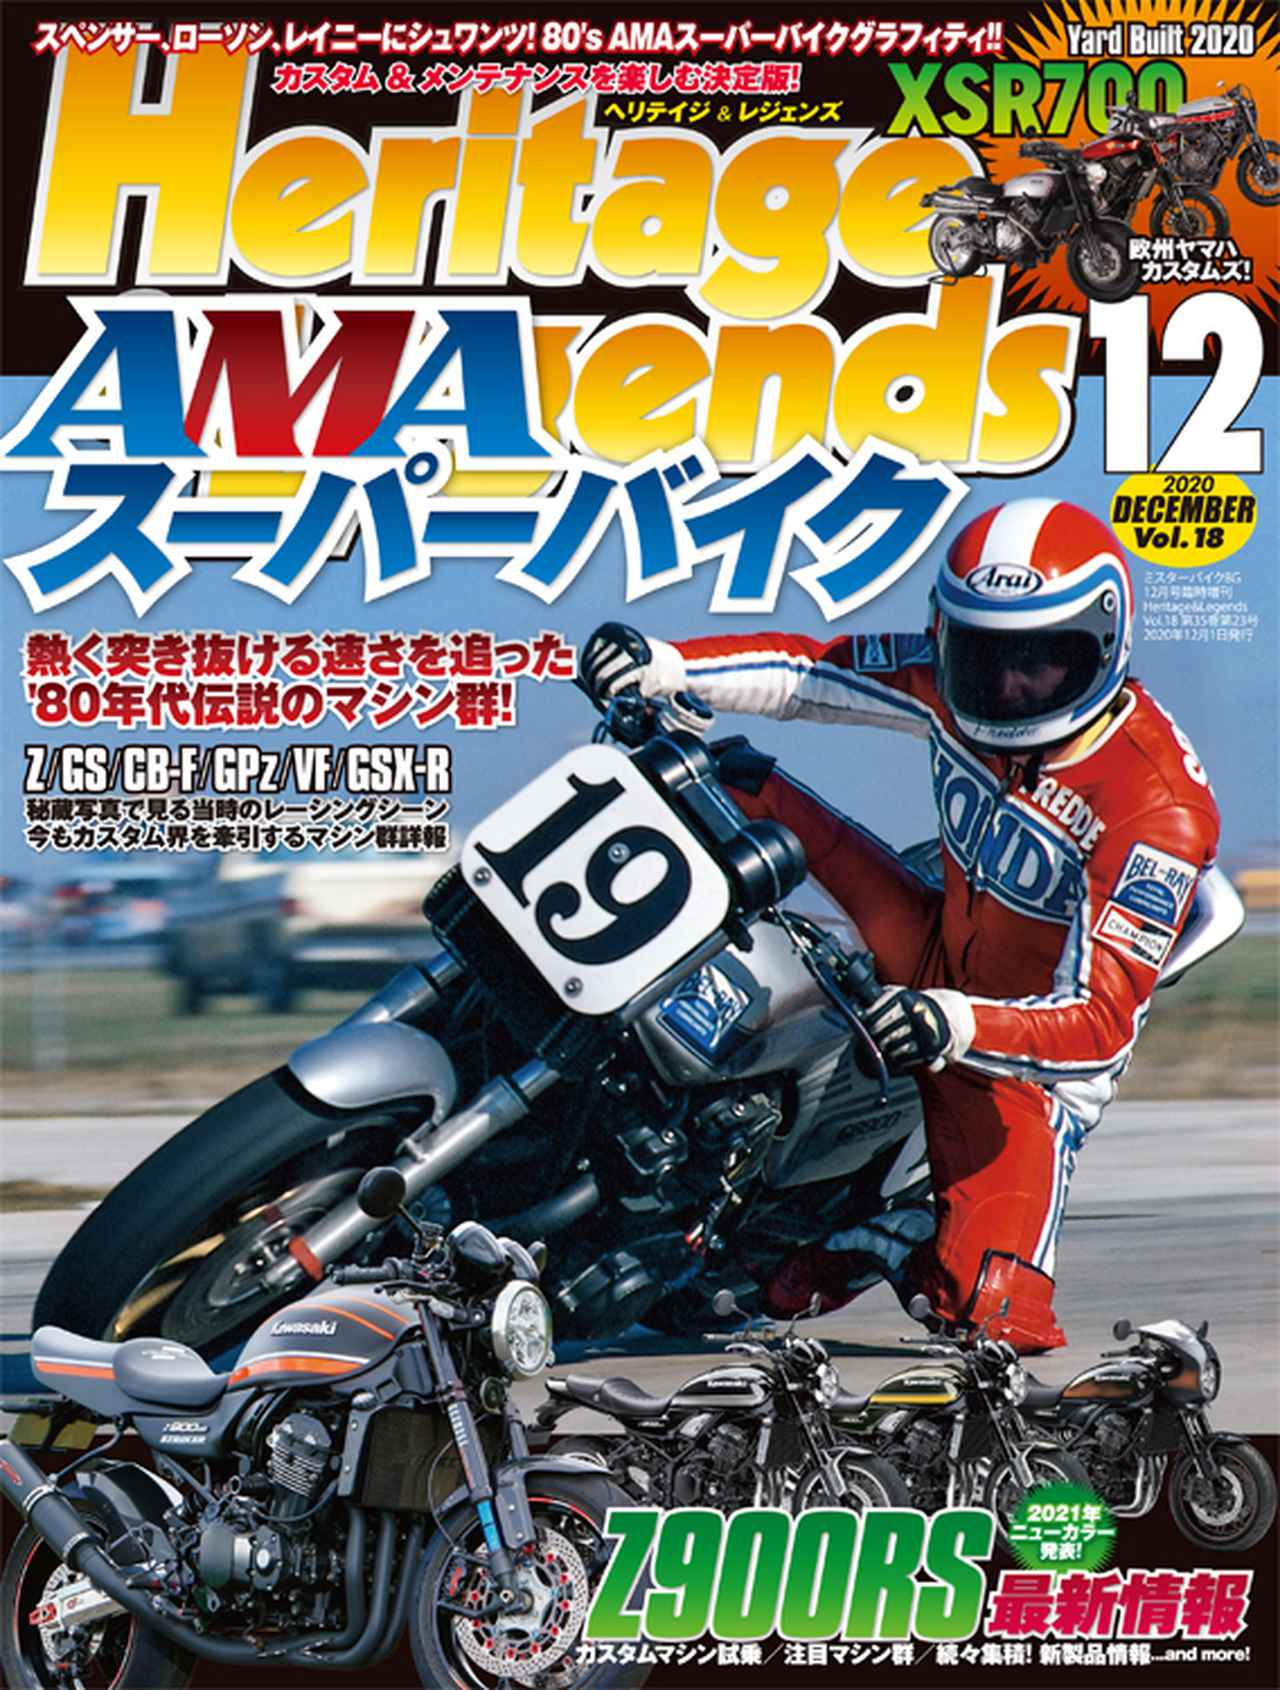 画像: 月刊『ヘリテイジ&レジェンズ』12月号(Vol.18)好評発売中!  ヘリテイジ&レジェンズ Heritage& Legends